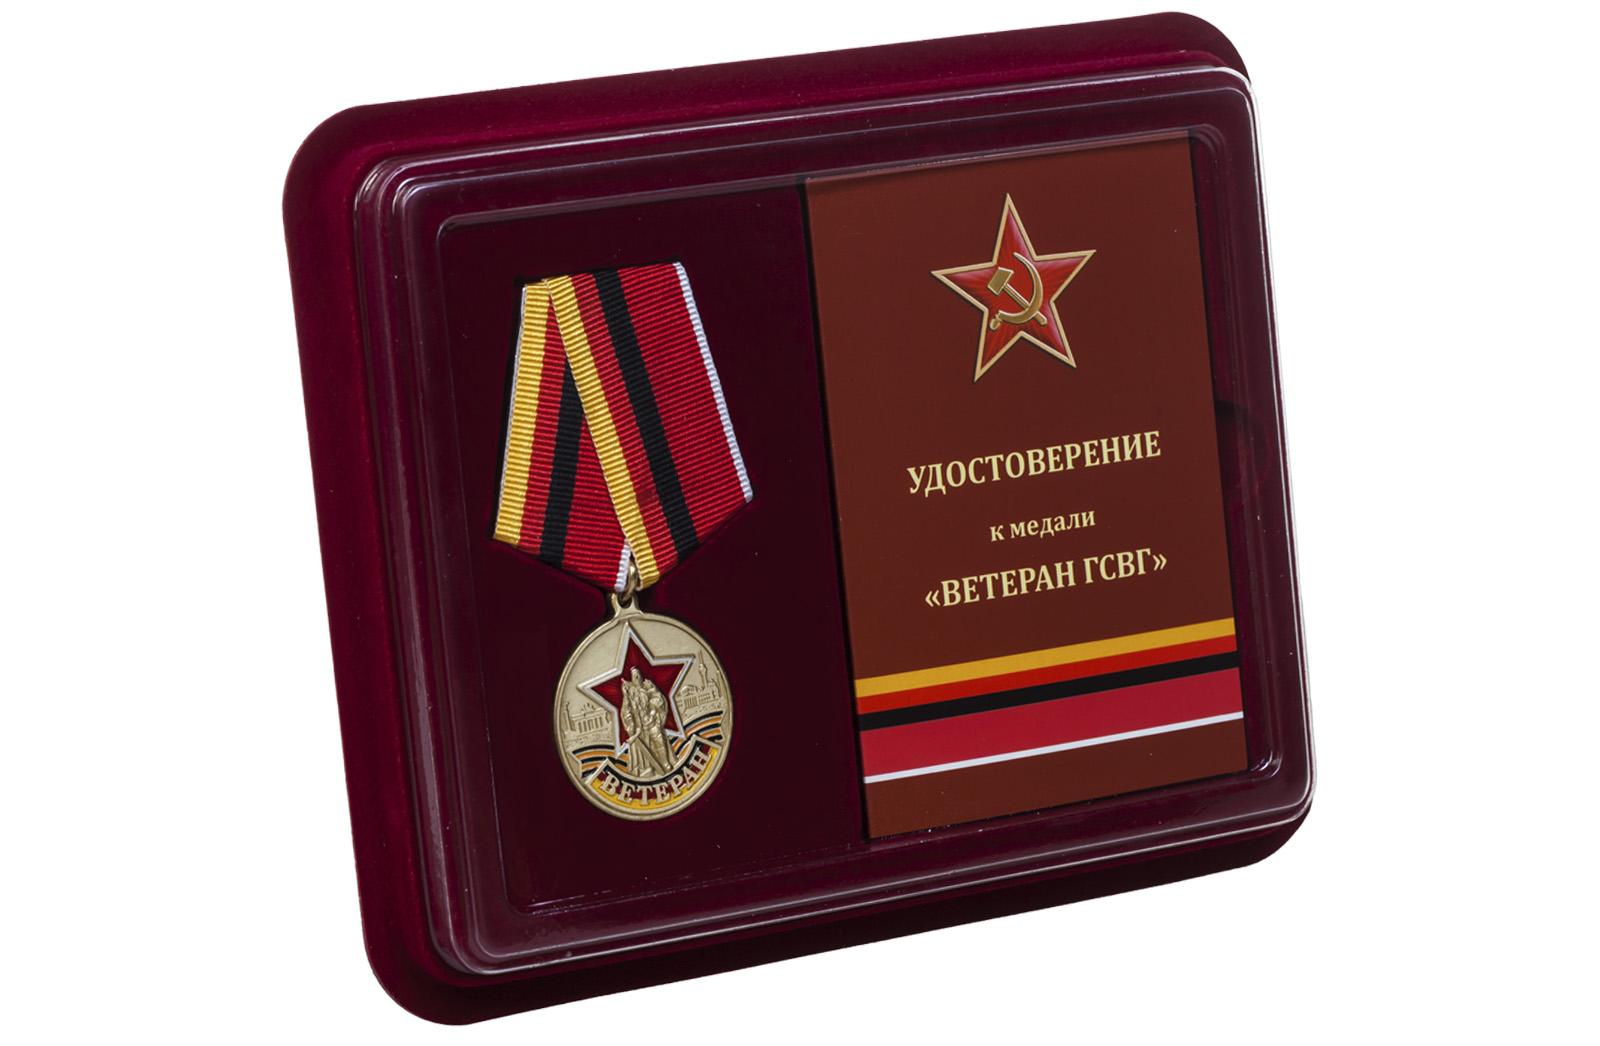 Купить медаль Ветеран ГСВГ в футляре с удостоверением выгодно онлайн